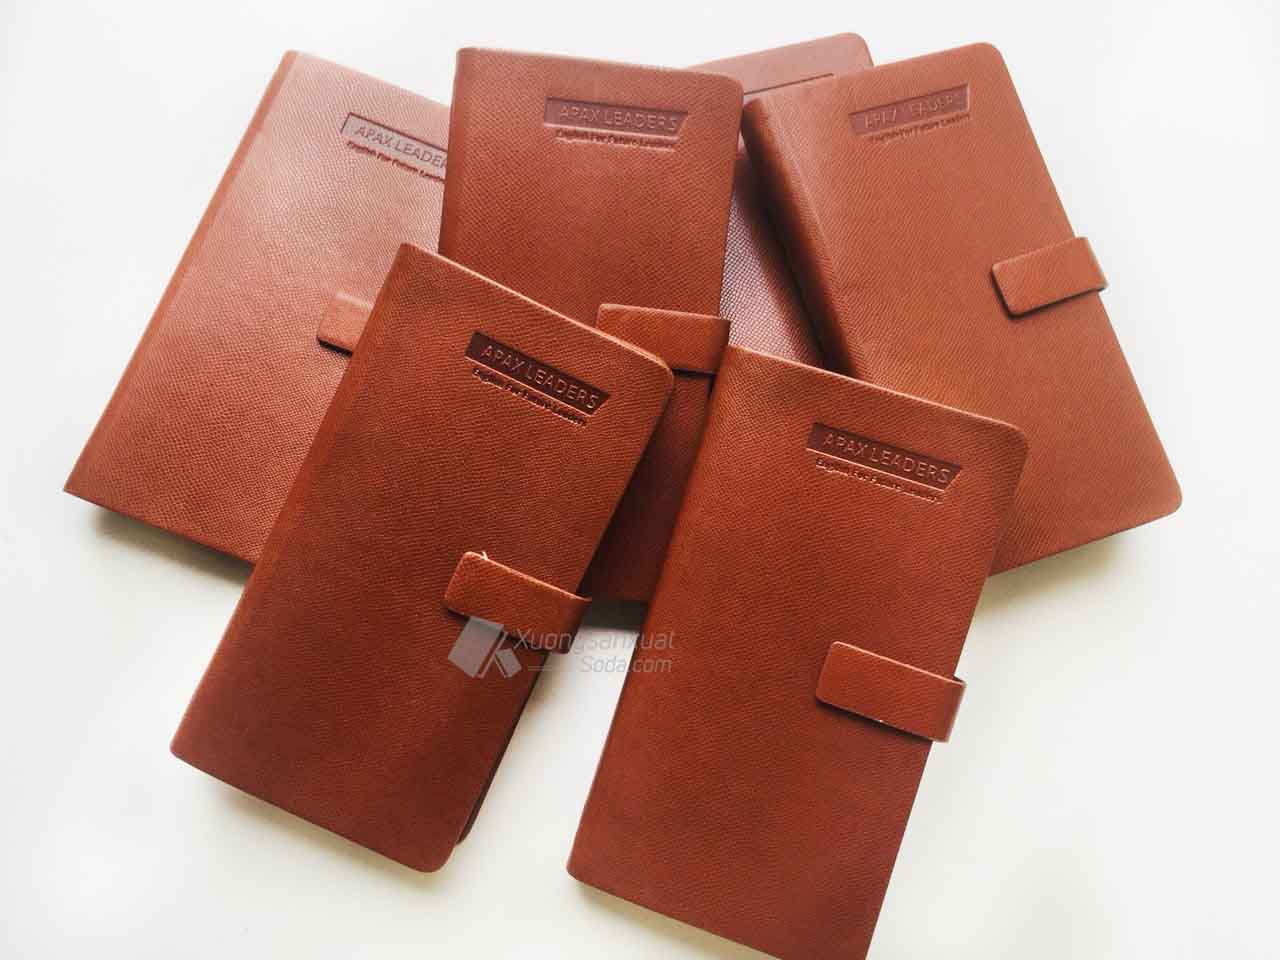 Tổng Hợp Các Mẫu Sổ Bìa Da Có Sẵn Giá Rẻ Được Ưa Chuộng